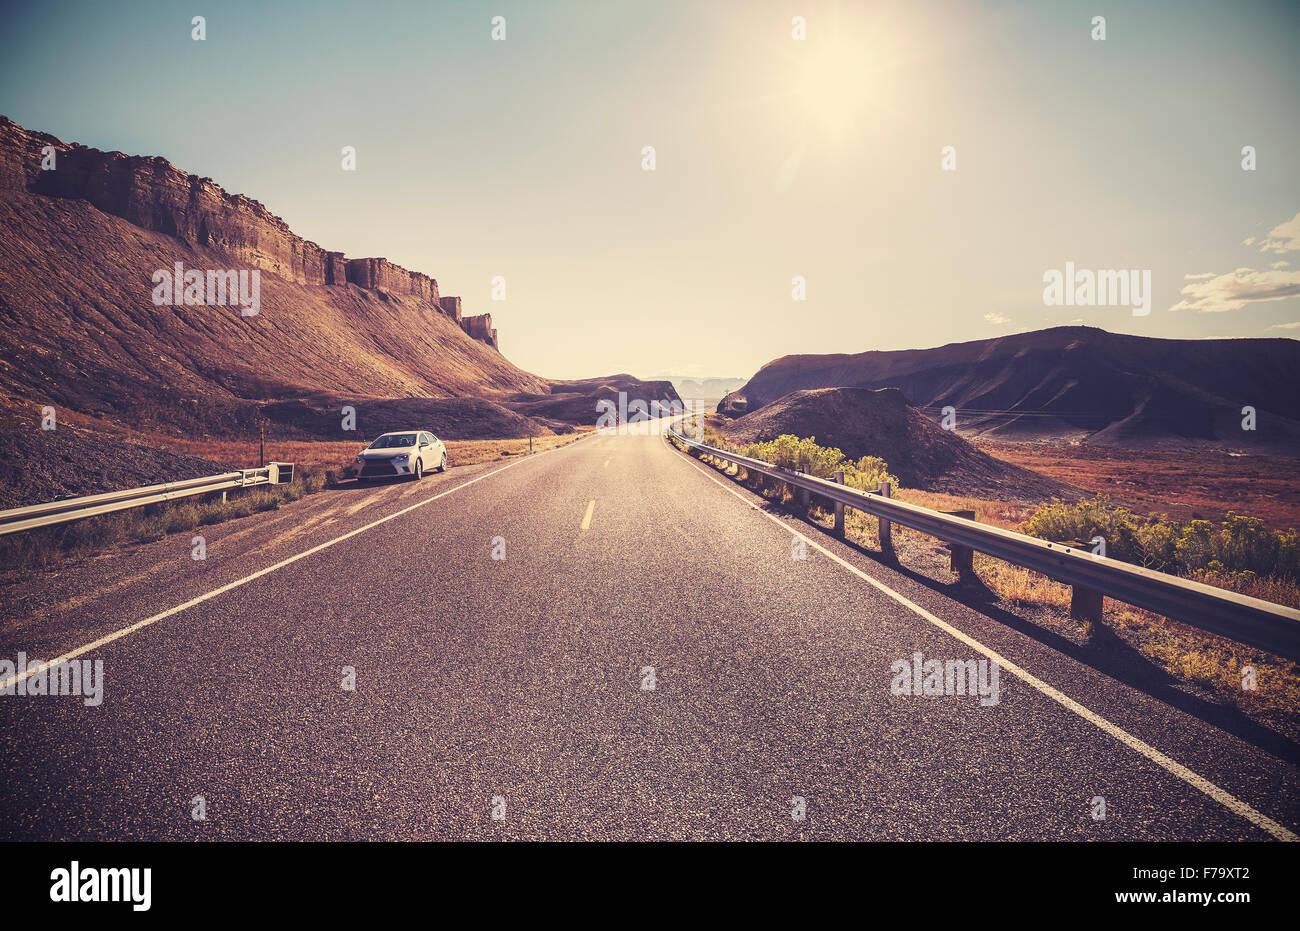 Tonos Retro autopista del desierto contra el sol, el concepto de viaje. Imagen De Stock